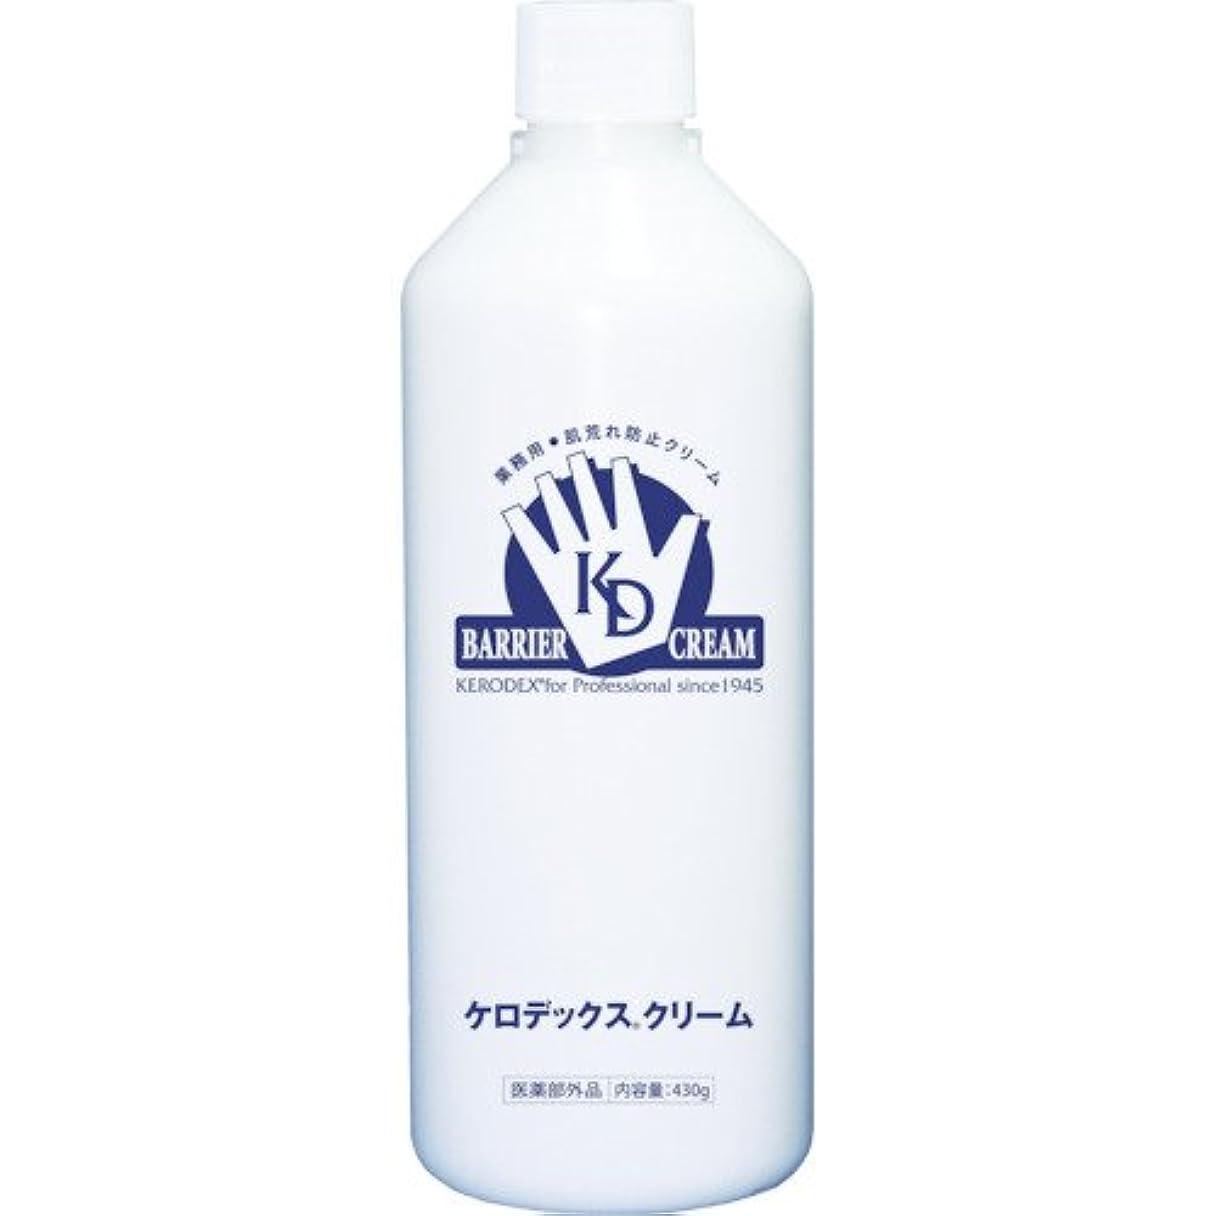 緩むタイムリーな在庫ケロデックスクリーム ボトルタイプ 詰替用 430g